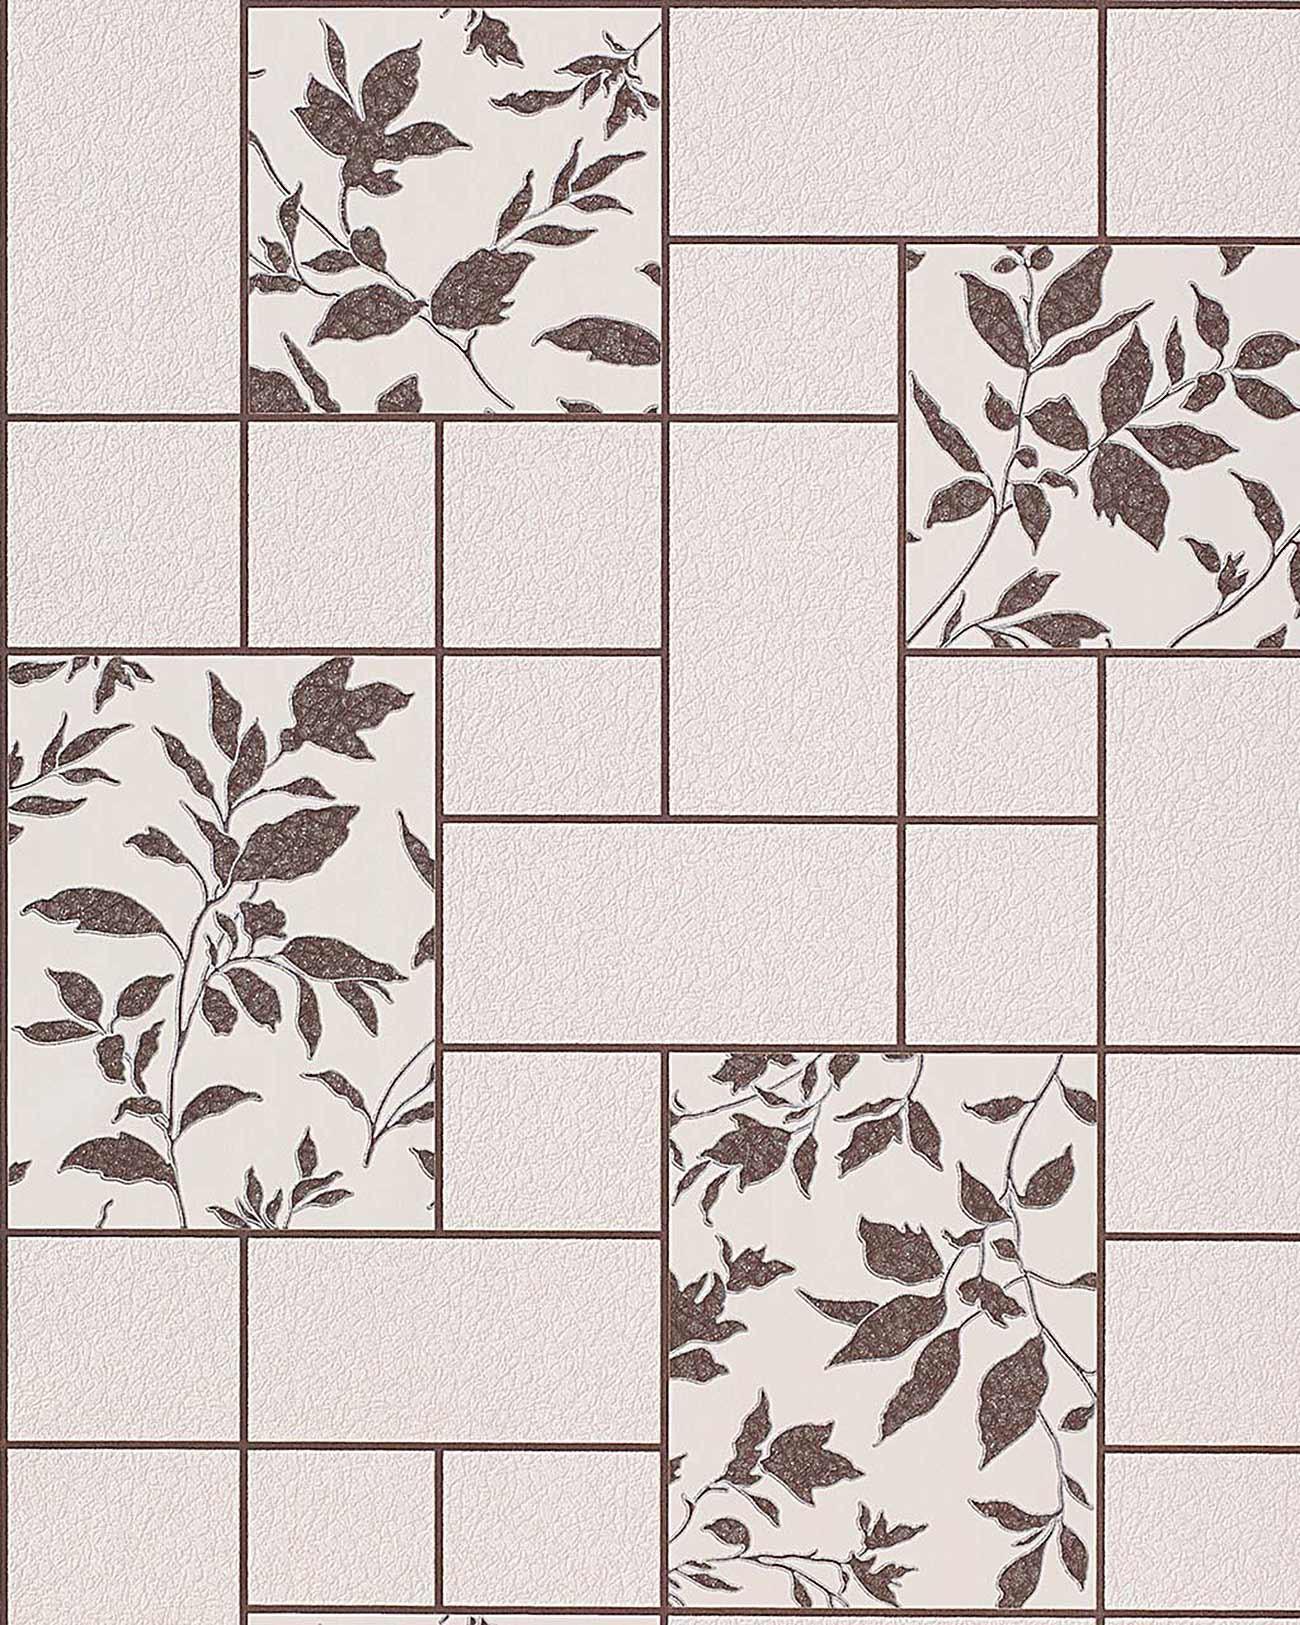 papier peint moderne cuisine edem 146 23 bain atelier aspect carrelage beige cr me brun fonc. Black Bedroom Furniture Sets. Home Design Ideas